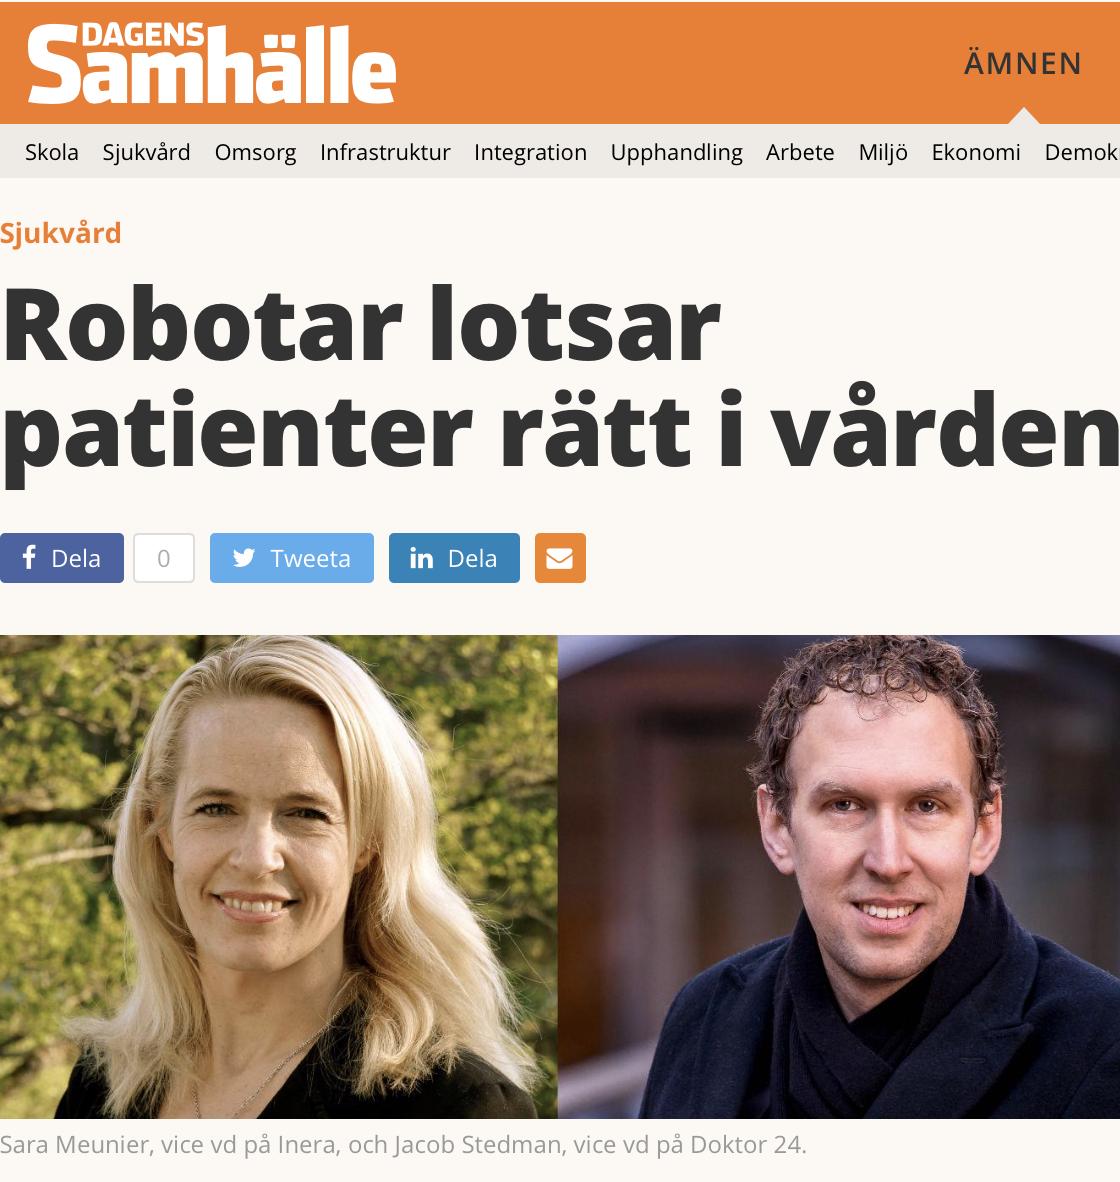 Dagens Samhälle: Robotar lotsar patienter rätt i vården